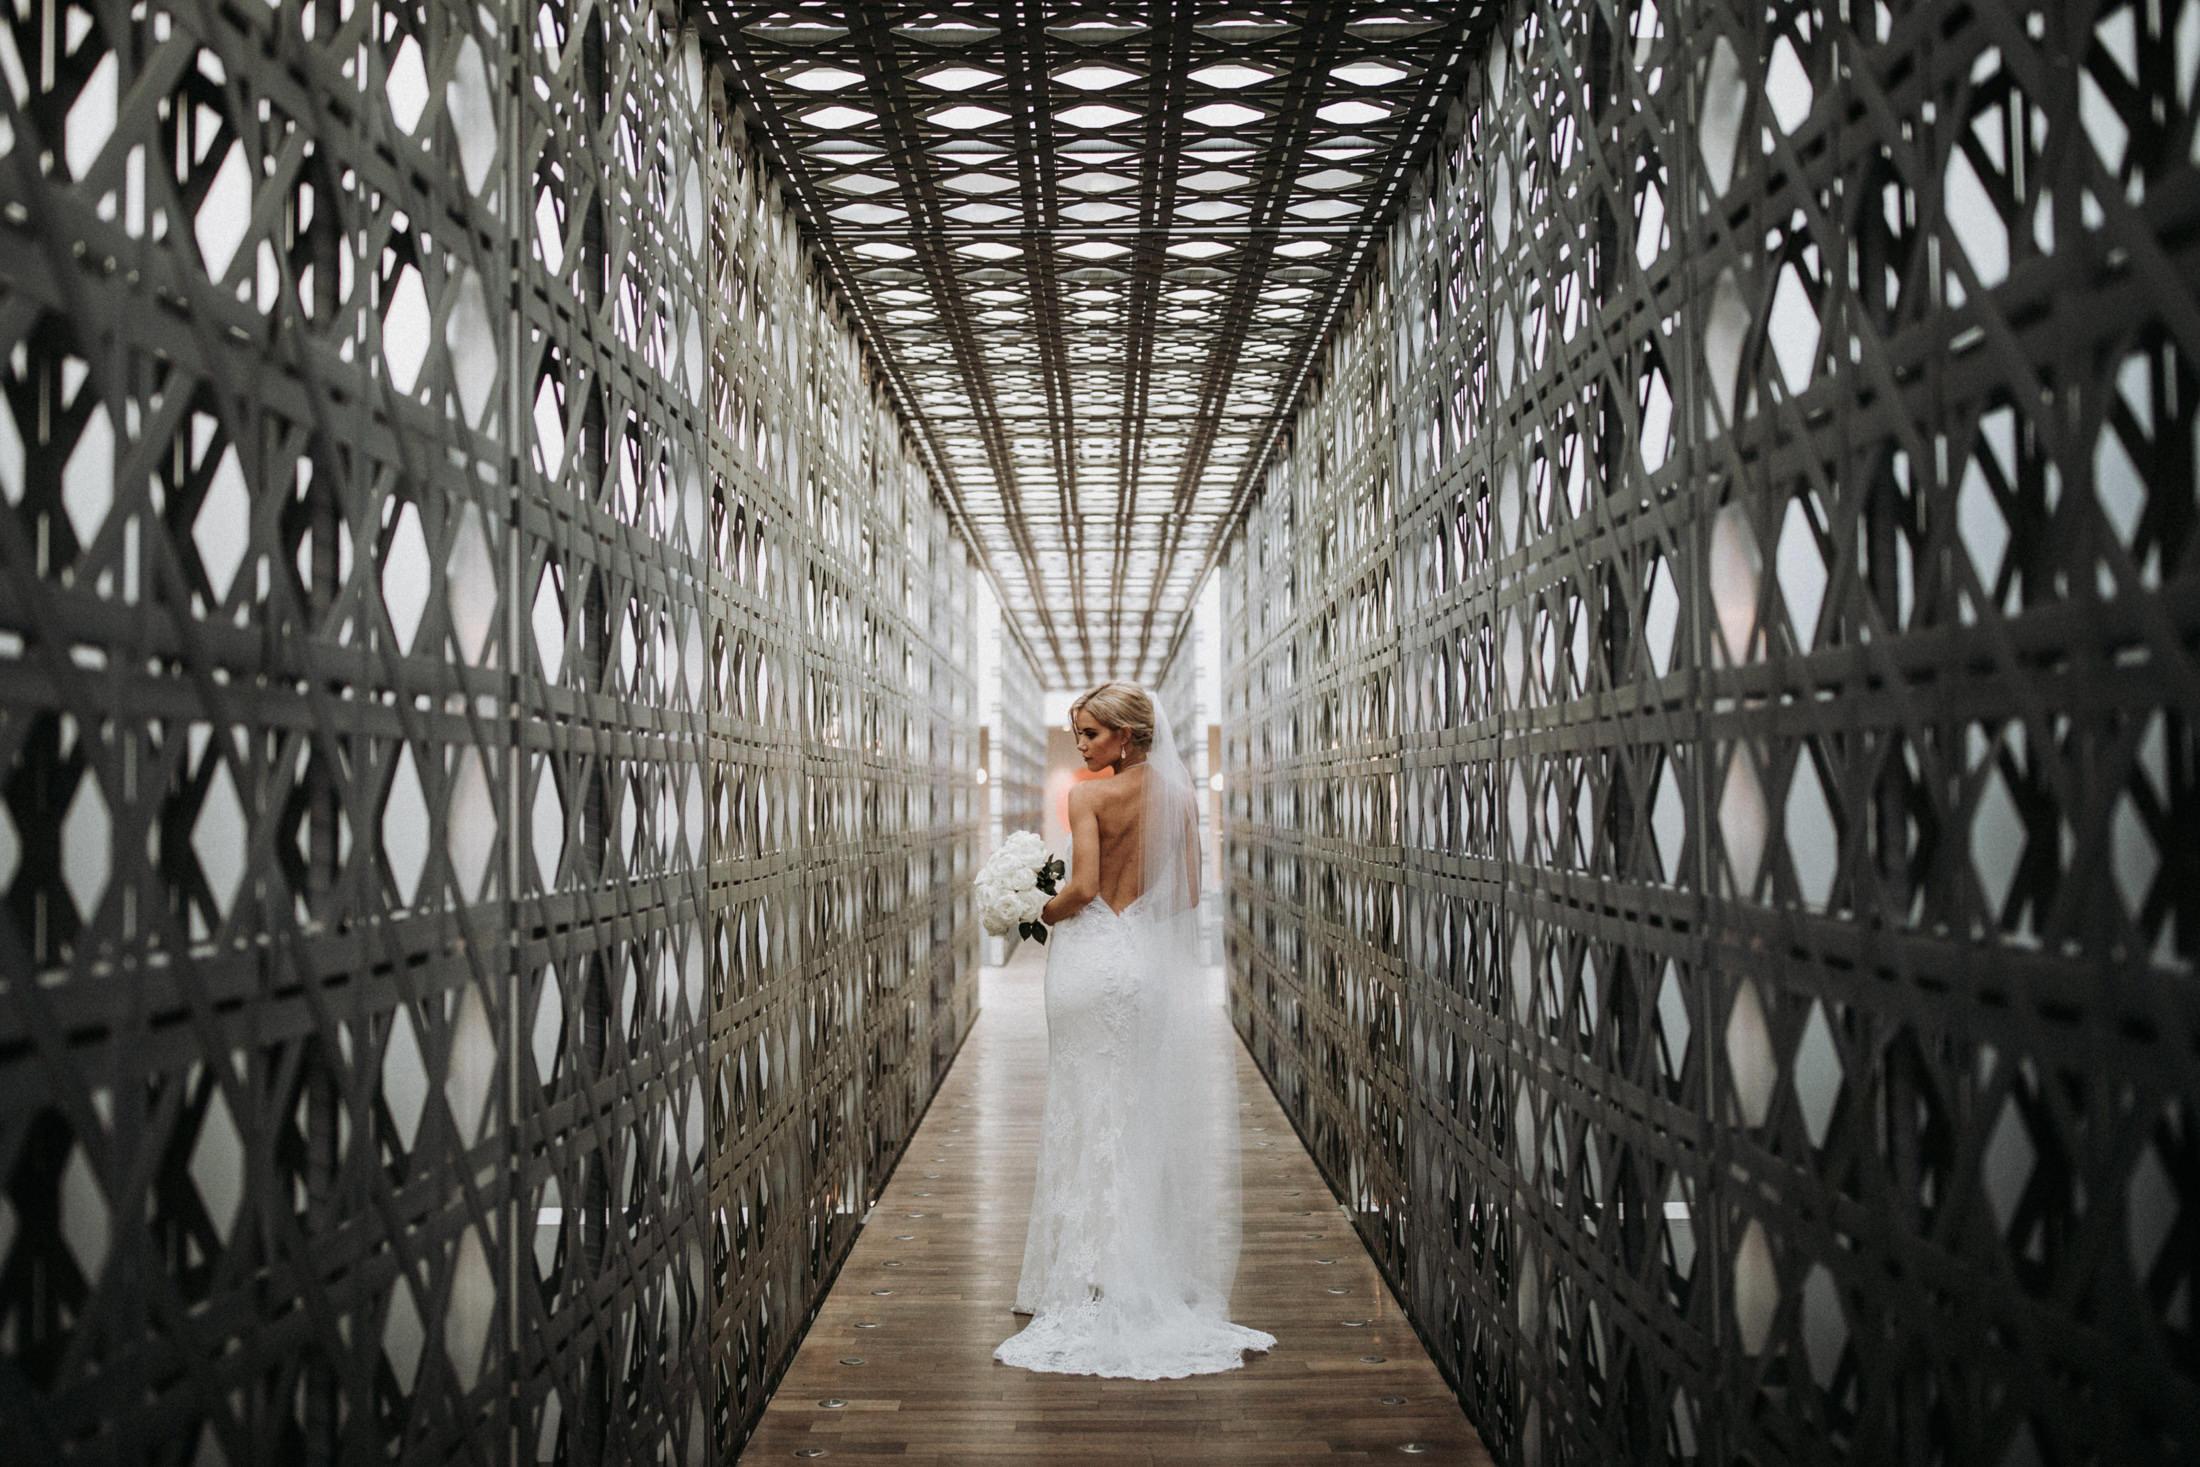 DanielaMarquardt_Wedding_Thailand_316